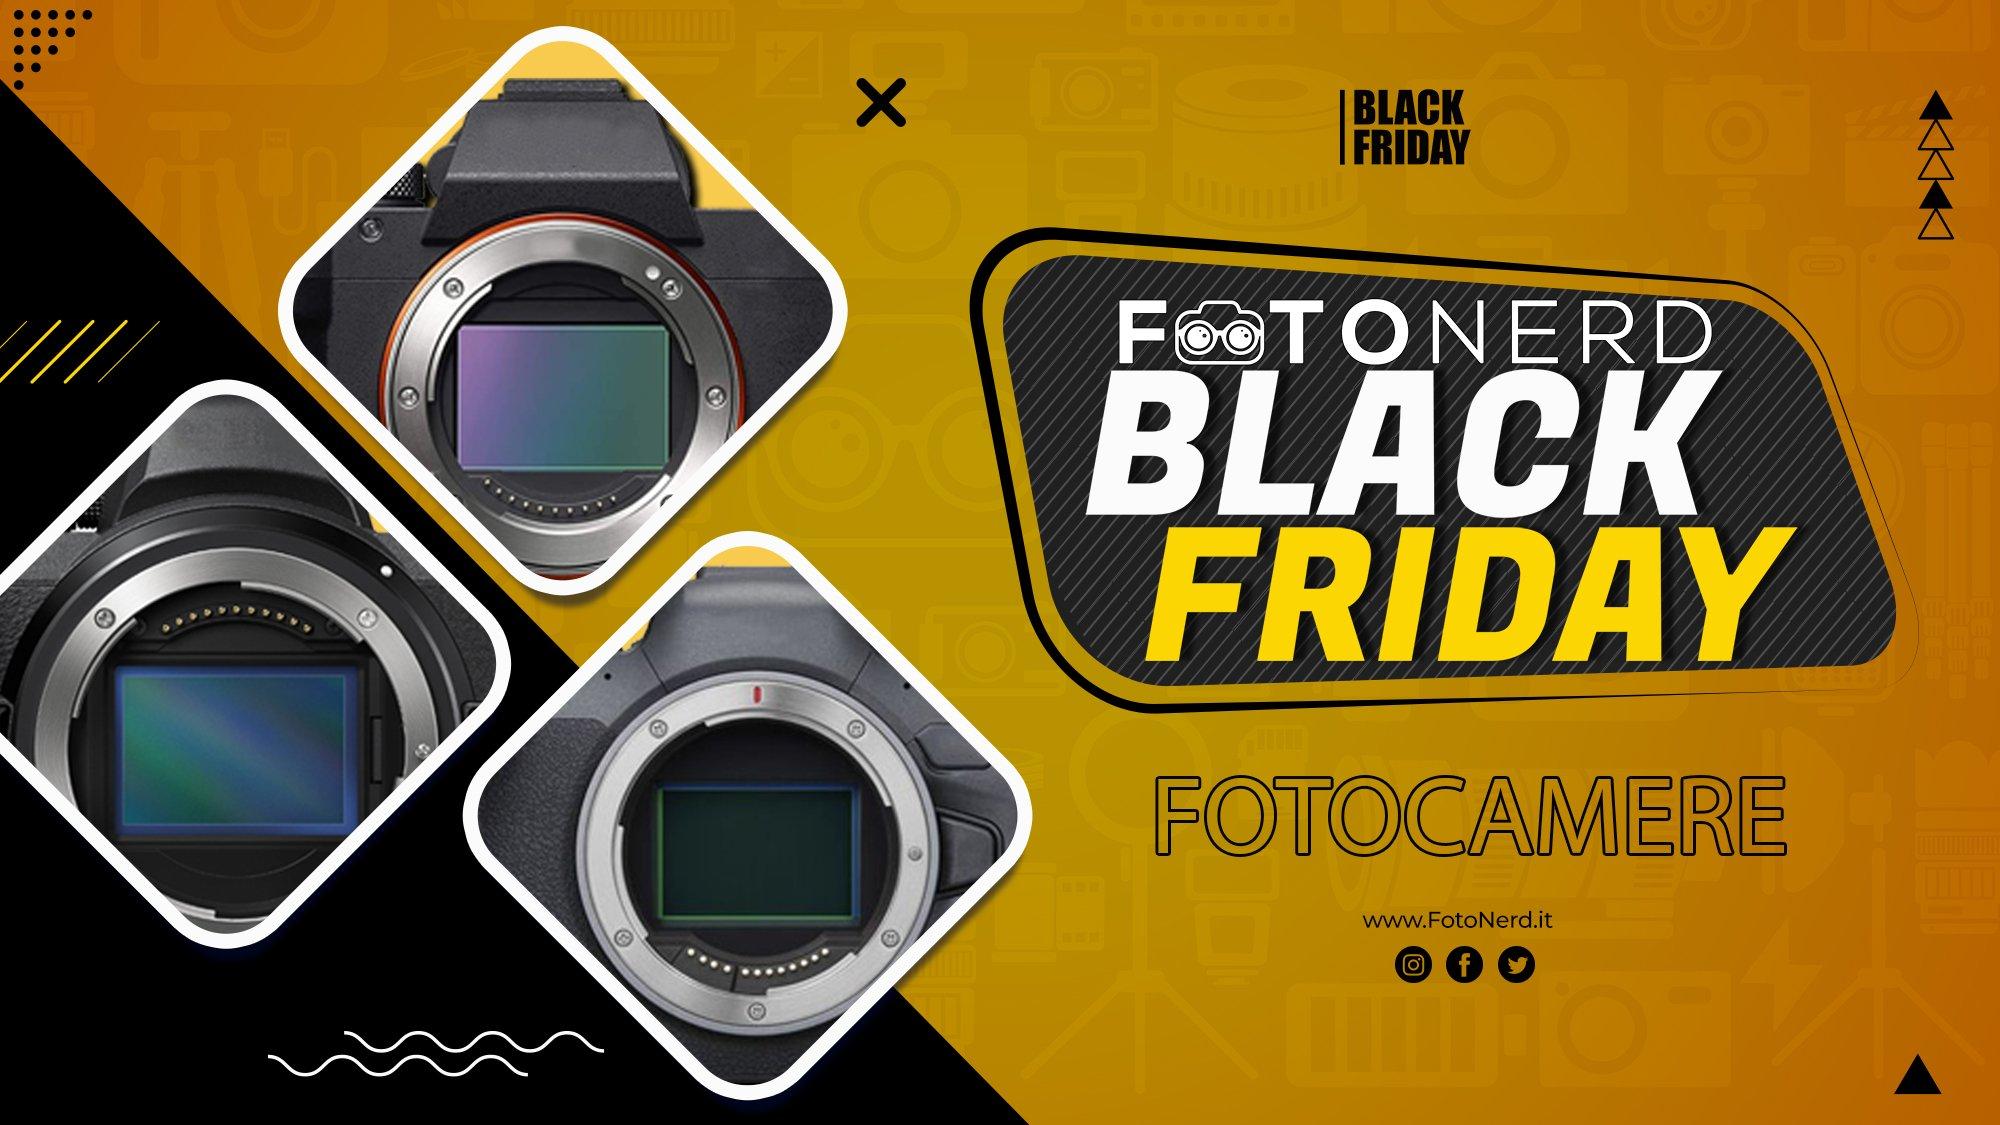 Black Friday 2020 fotocamere: scopri i modelli in offerta | AGGIORNATO